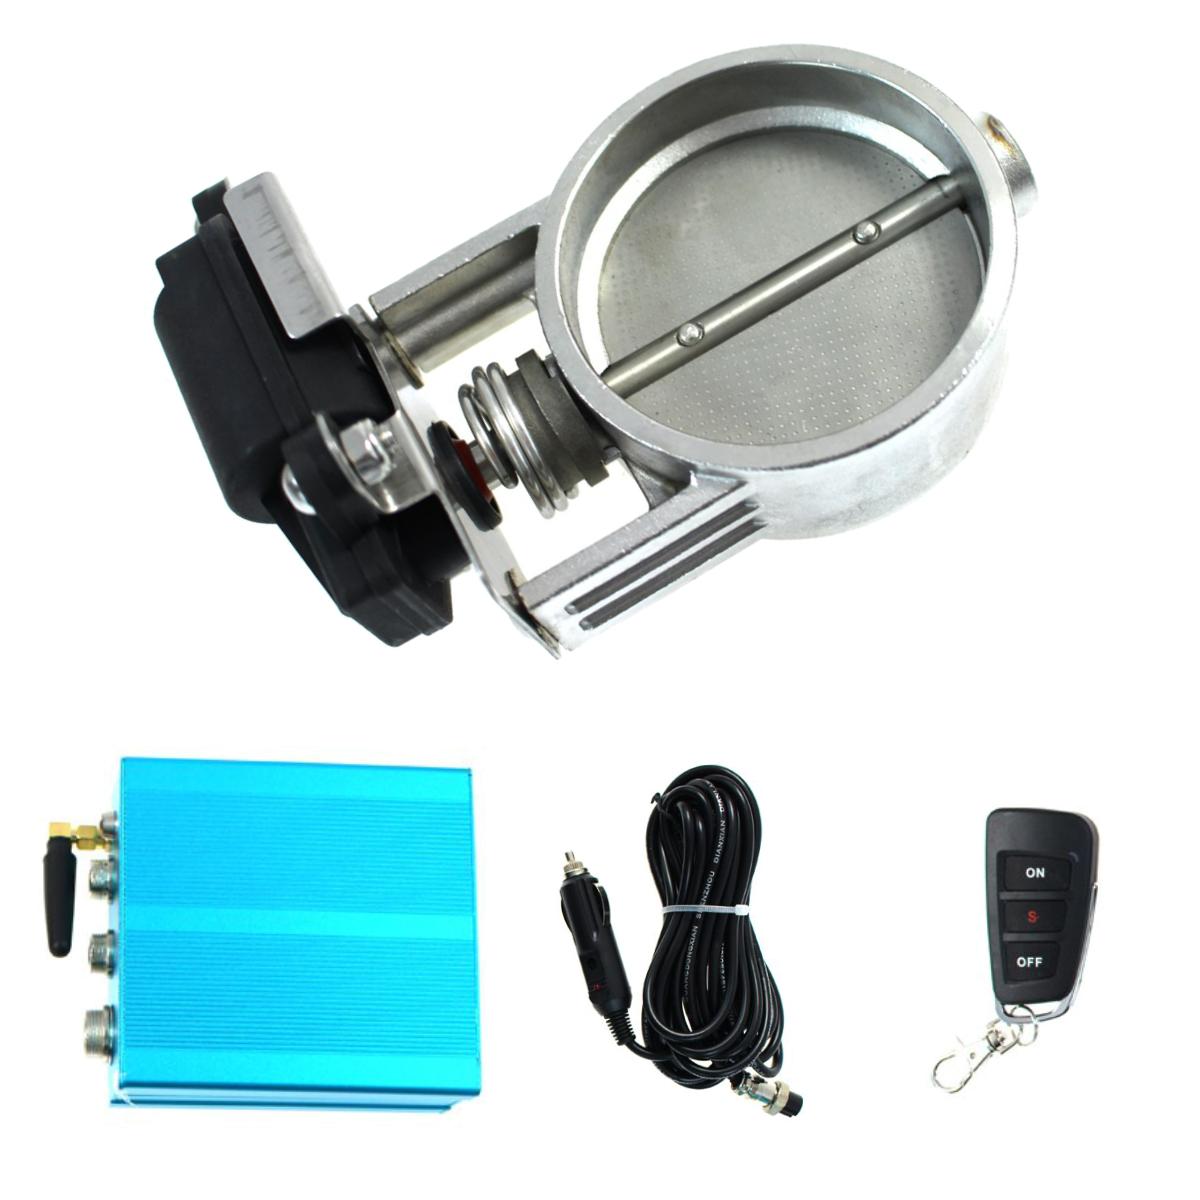 Bezprzewodowa przepustnica elektryczna PRO 70mm (2.75 cala) + pilot - GRUBYGARAGE - Sklep Tuningowy